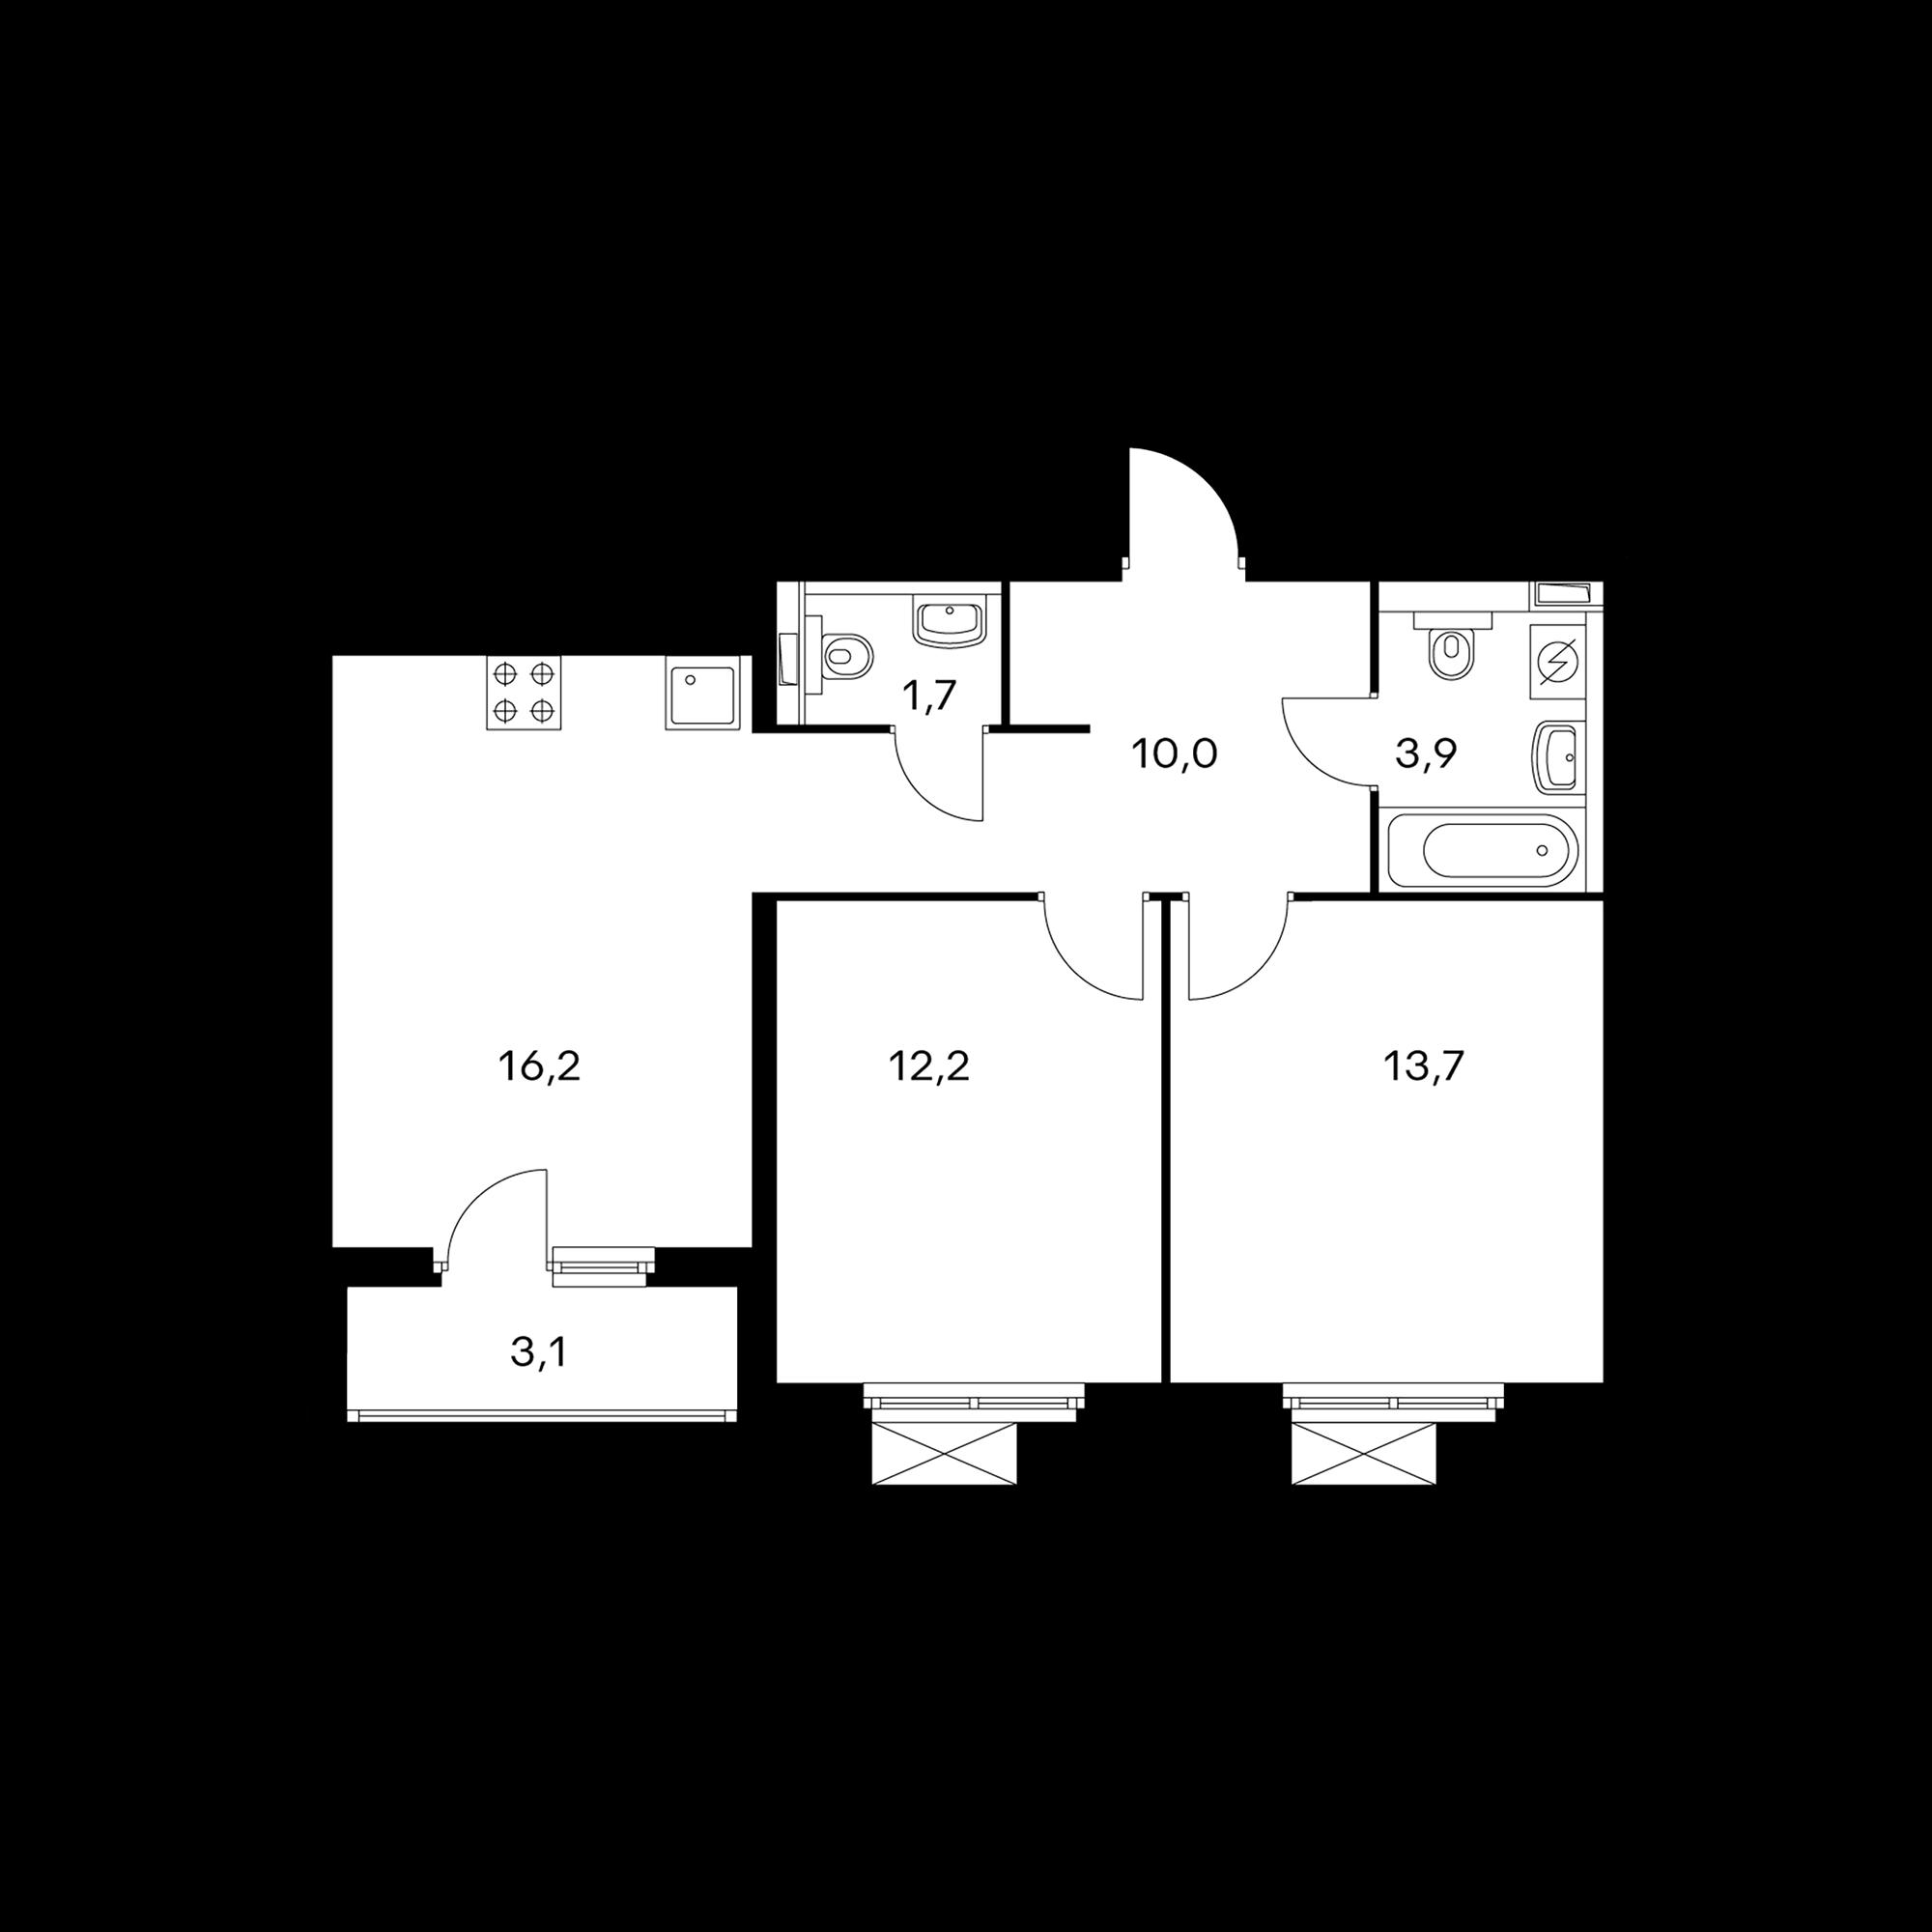 2EM8_10.5-1_S_ZL